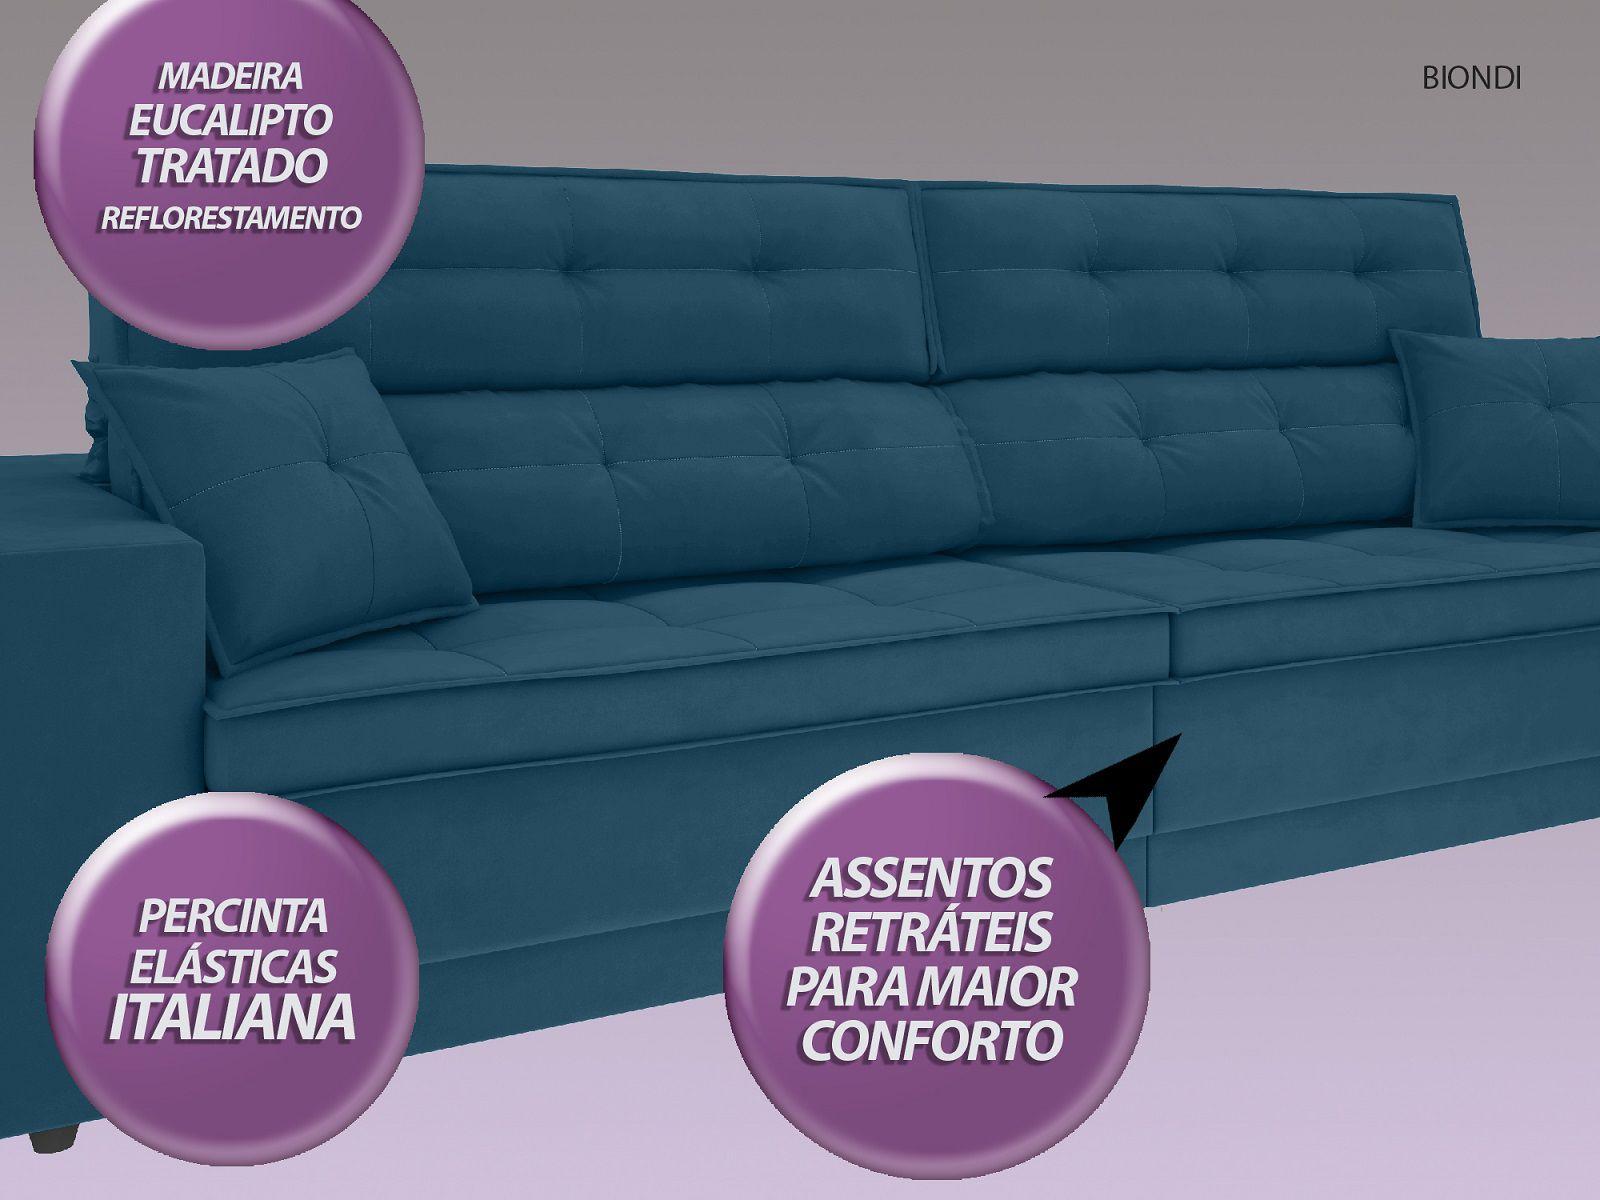 Sofá New Biondi 2,50m Retrátil e Reclinável Velosuede Royal  - NETSOFAS